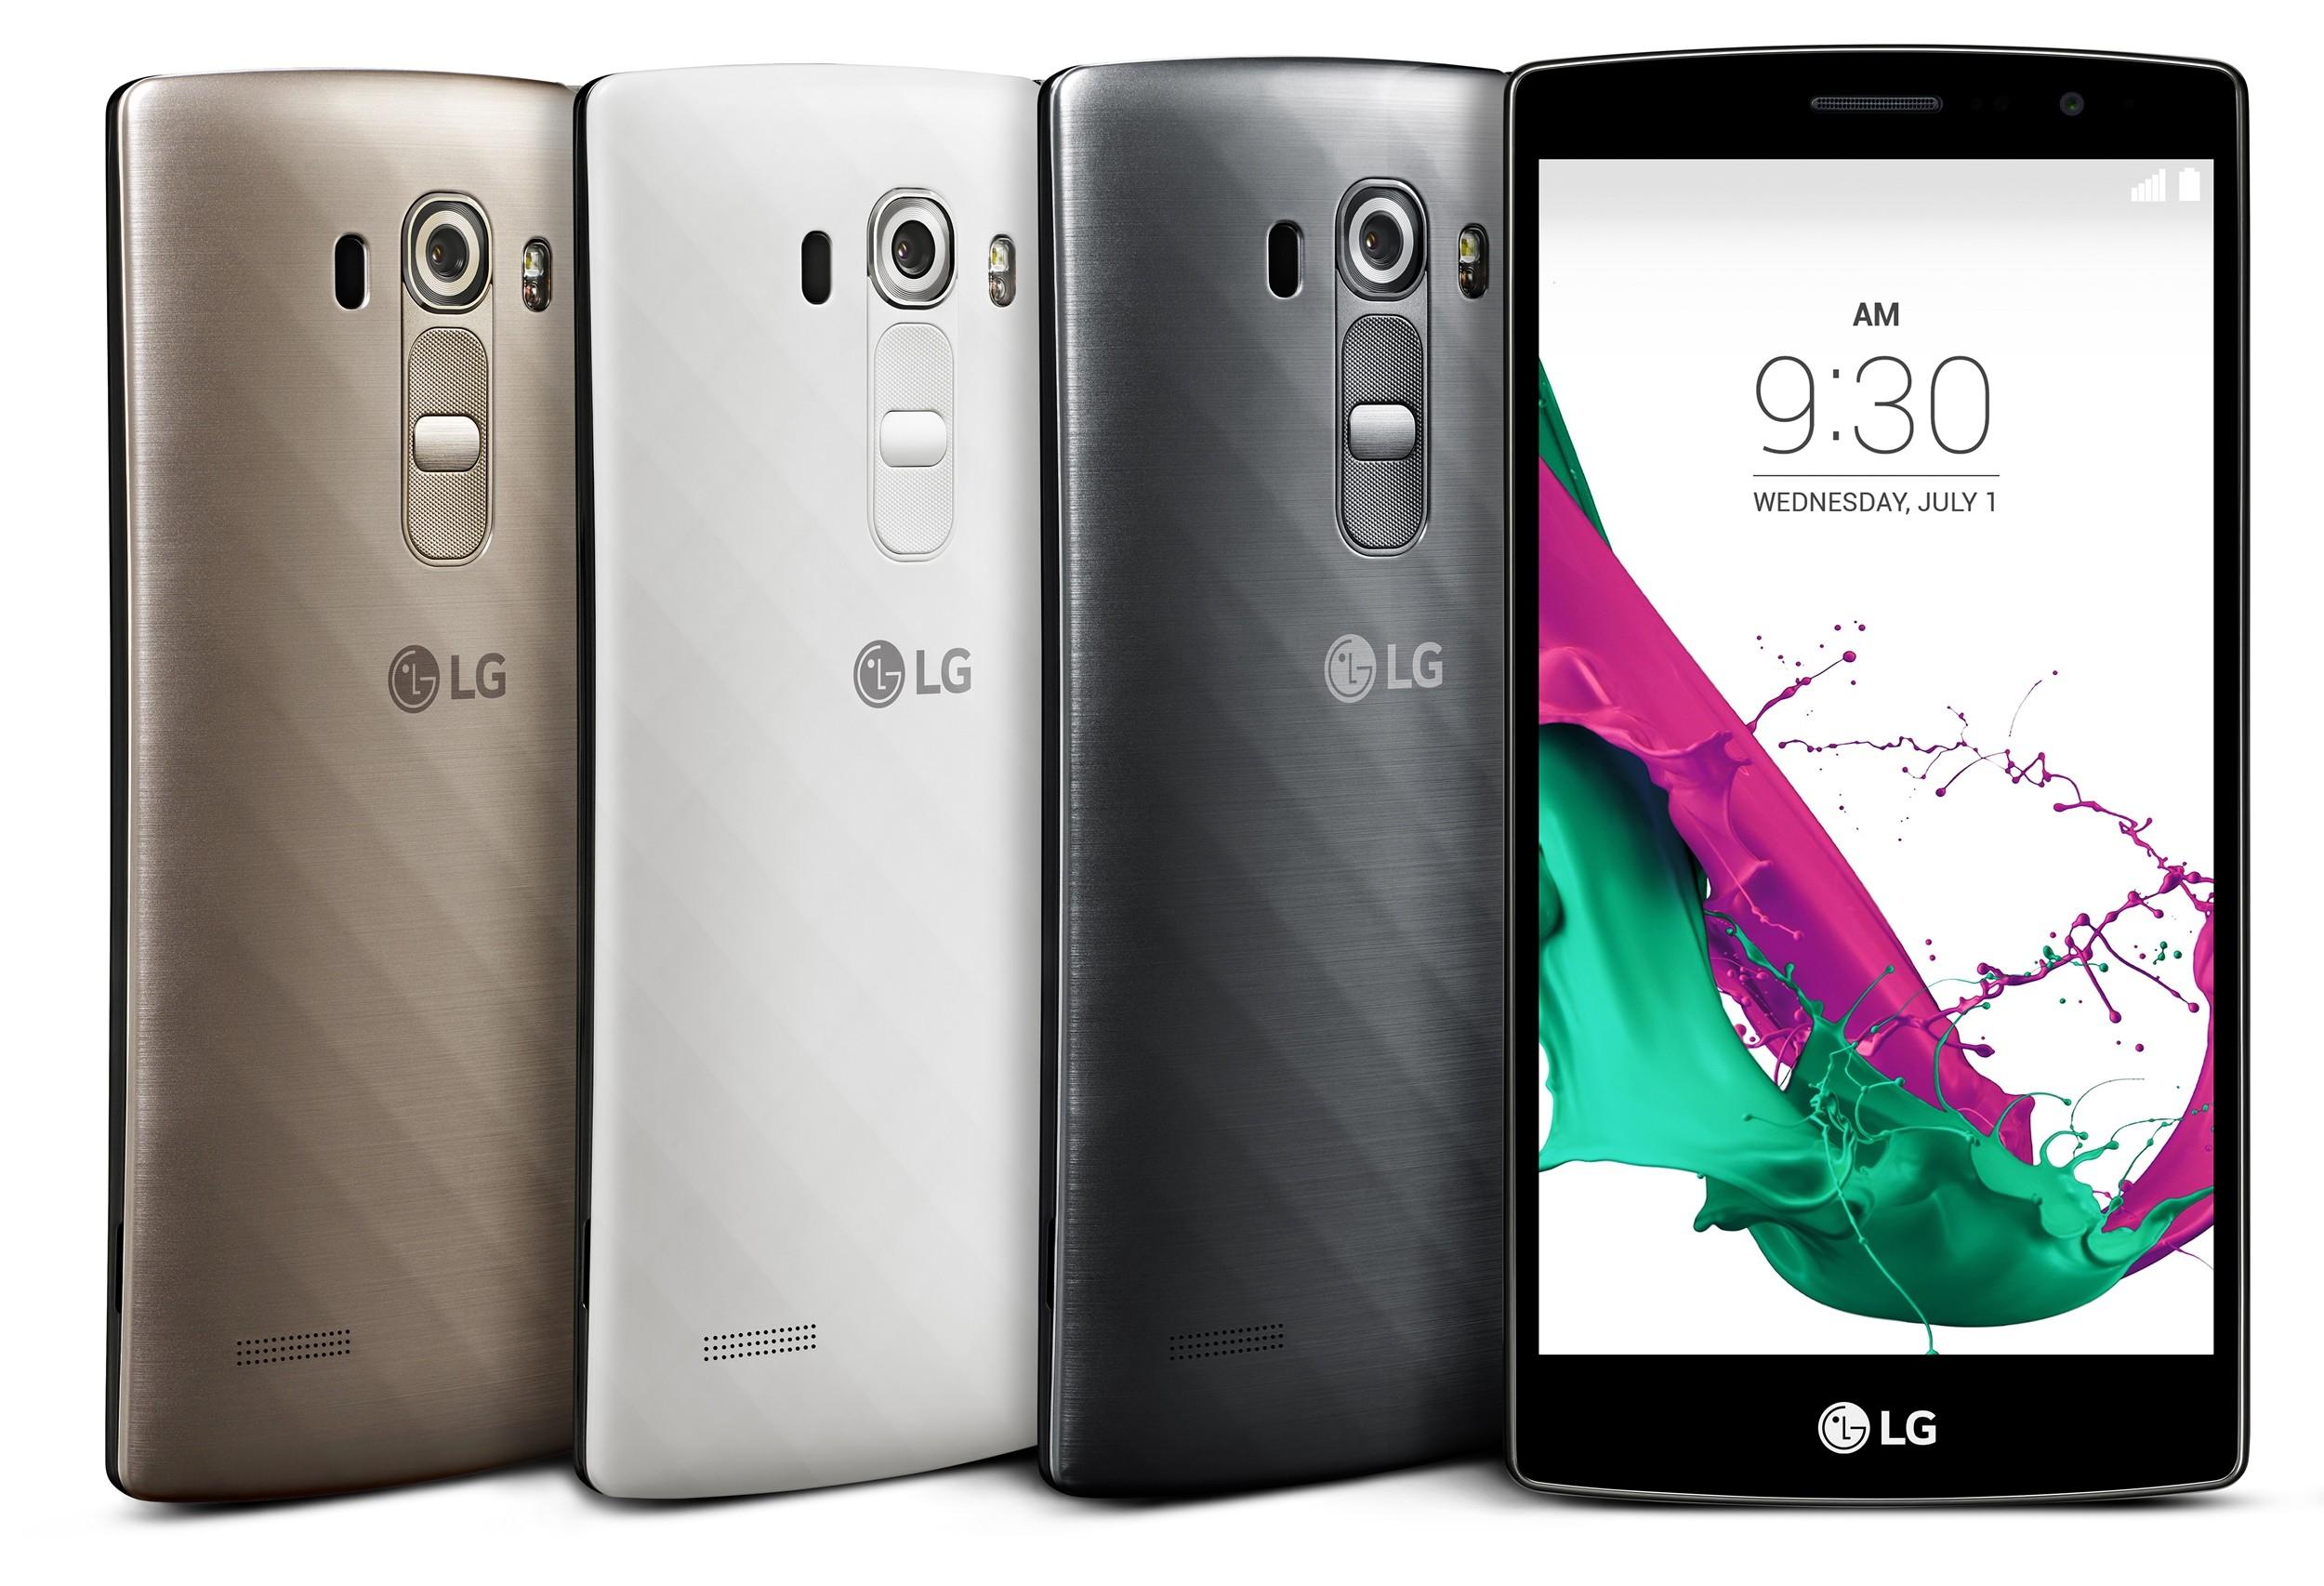 Le LG G4s officialisé pour 299€ en France et dispo dès la fin juillet